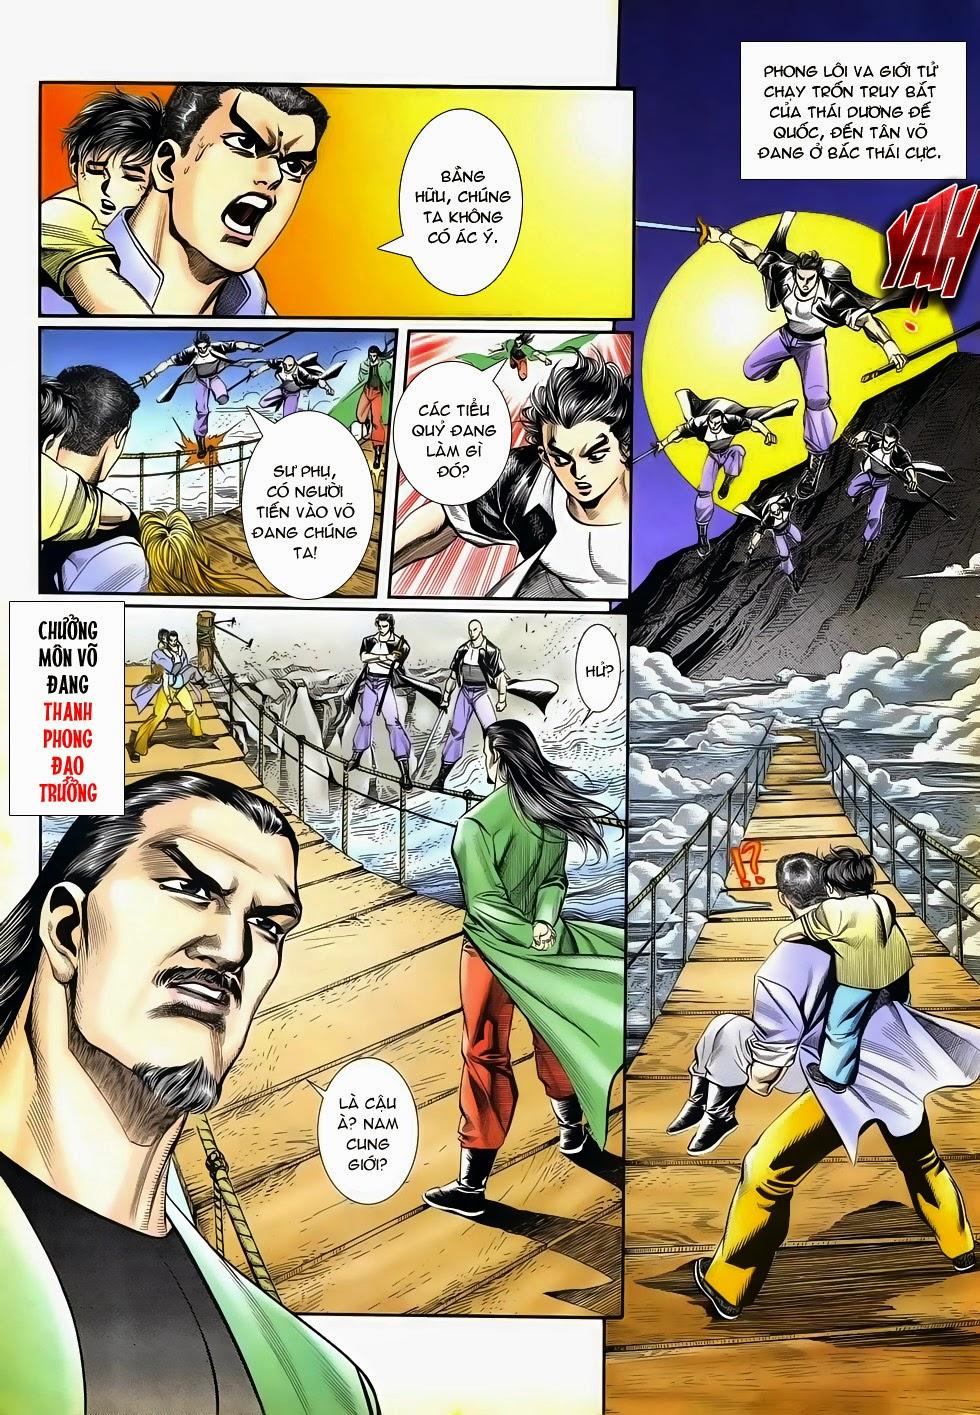 Long Hổ Phong Bạo chap 4 - Trang 24